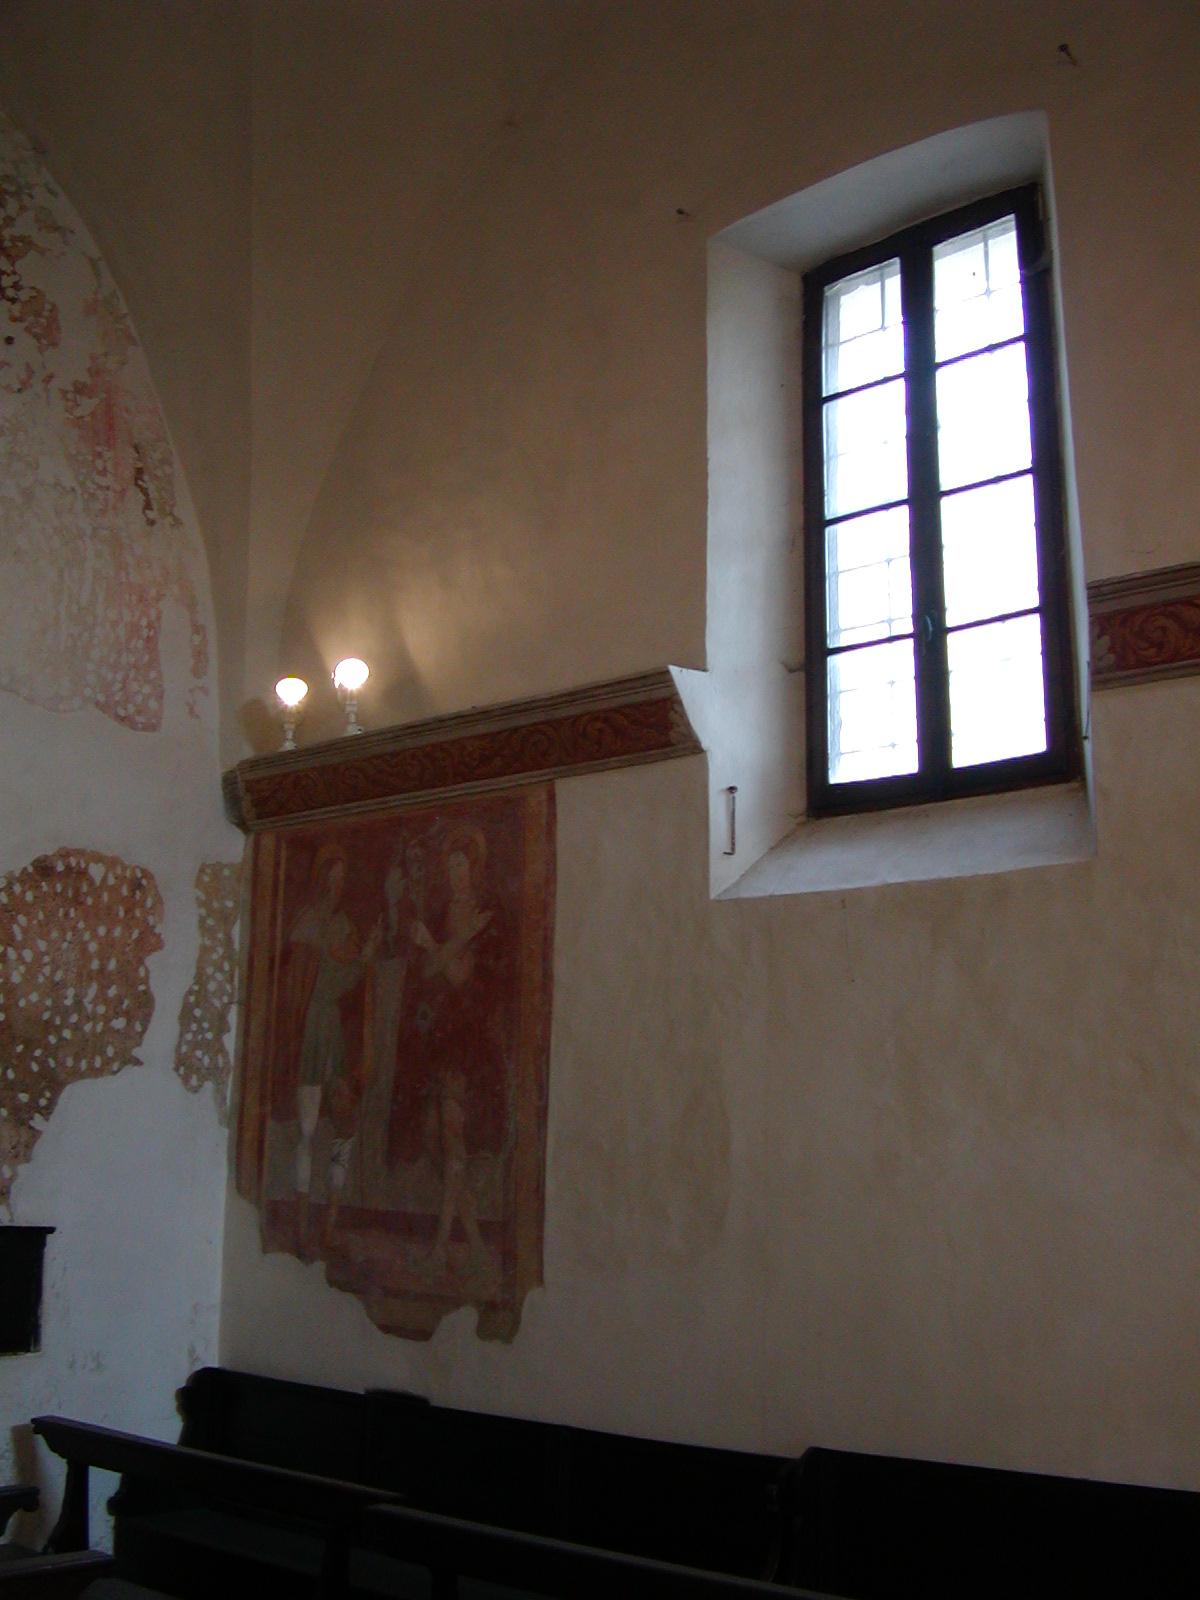 Studio-di-architettura-Baisotti-Sigala-prgetti208